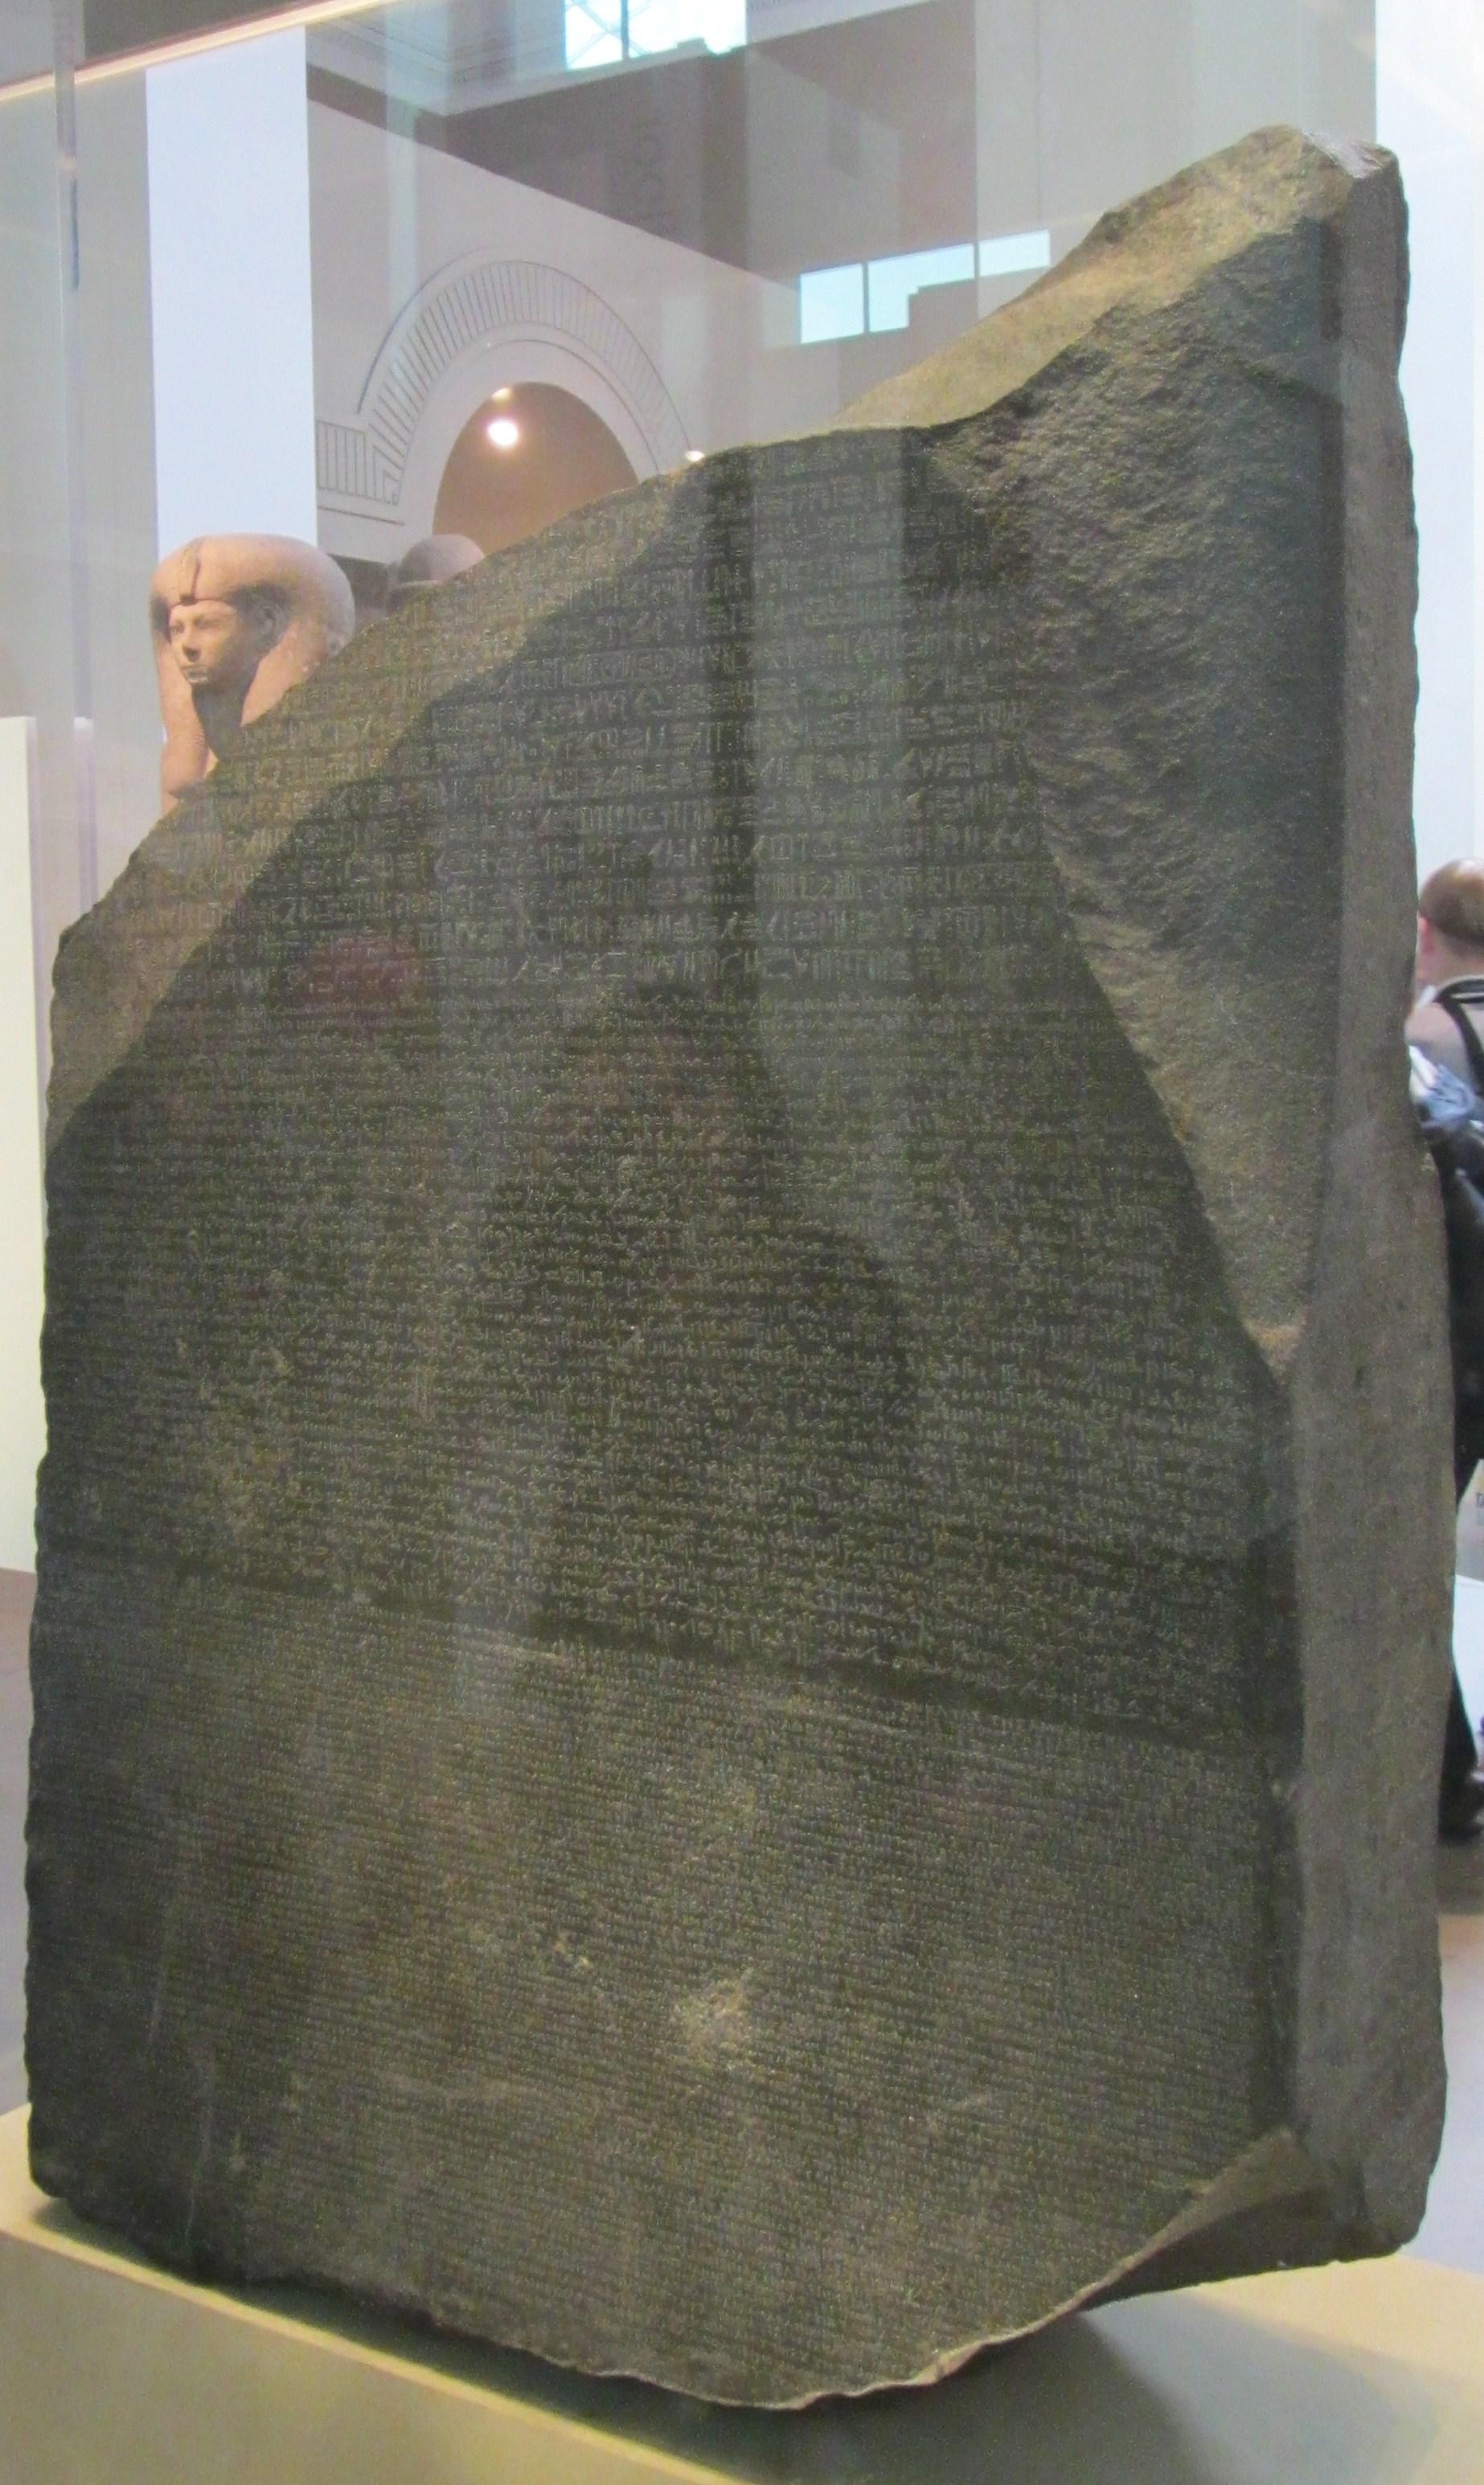 http://upload.wikimedia.org/wikipedia/commons/6/68/Rosetta_Stone_at_the_British_Museum.jpg